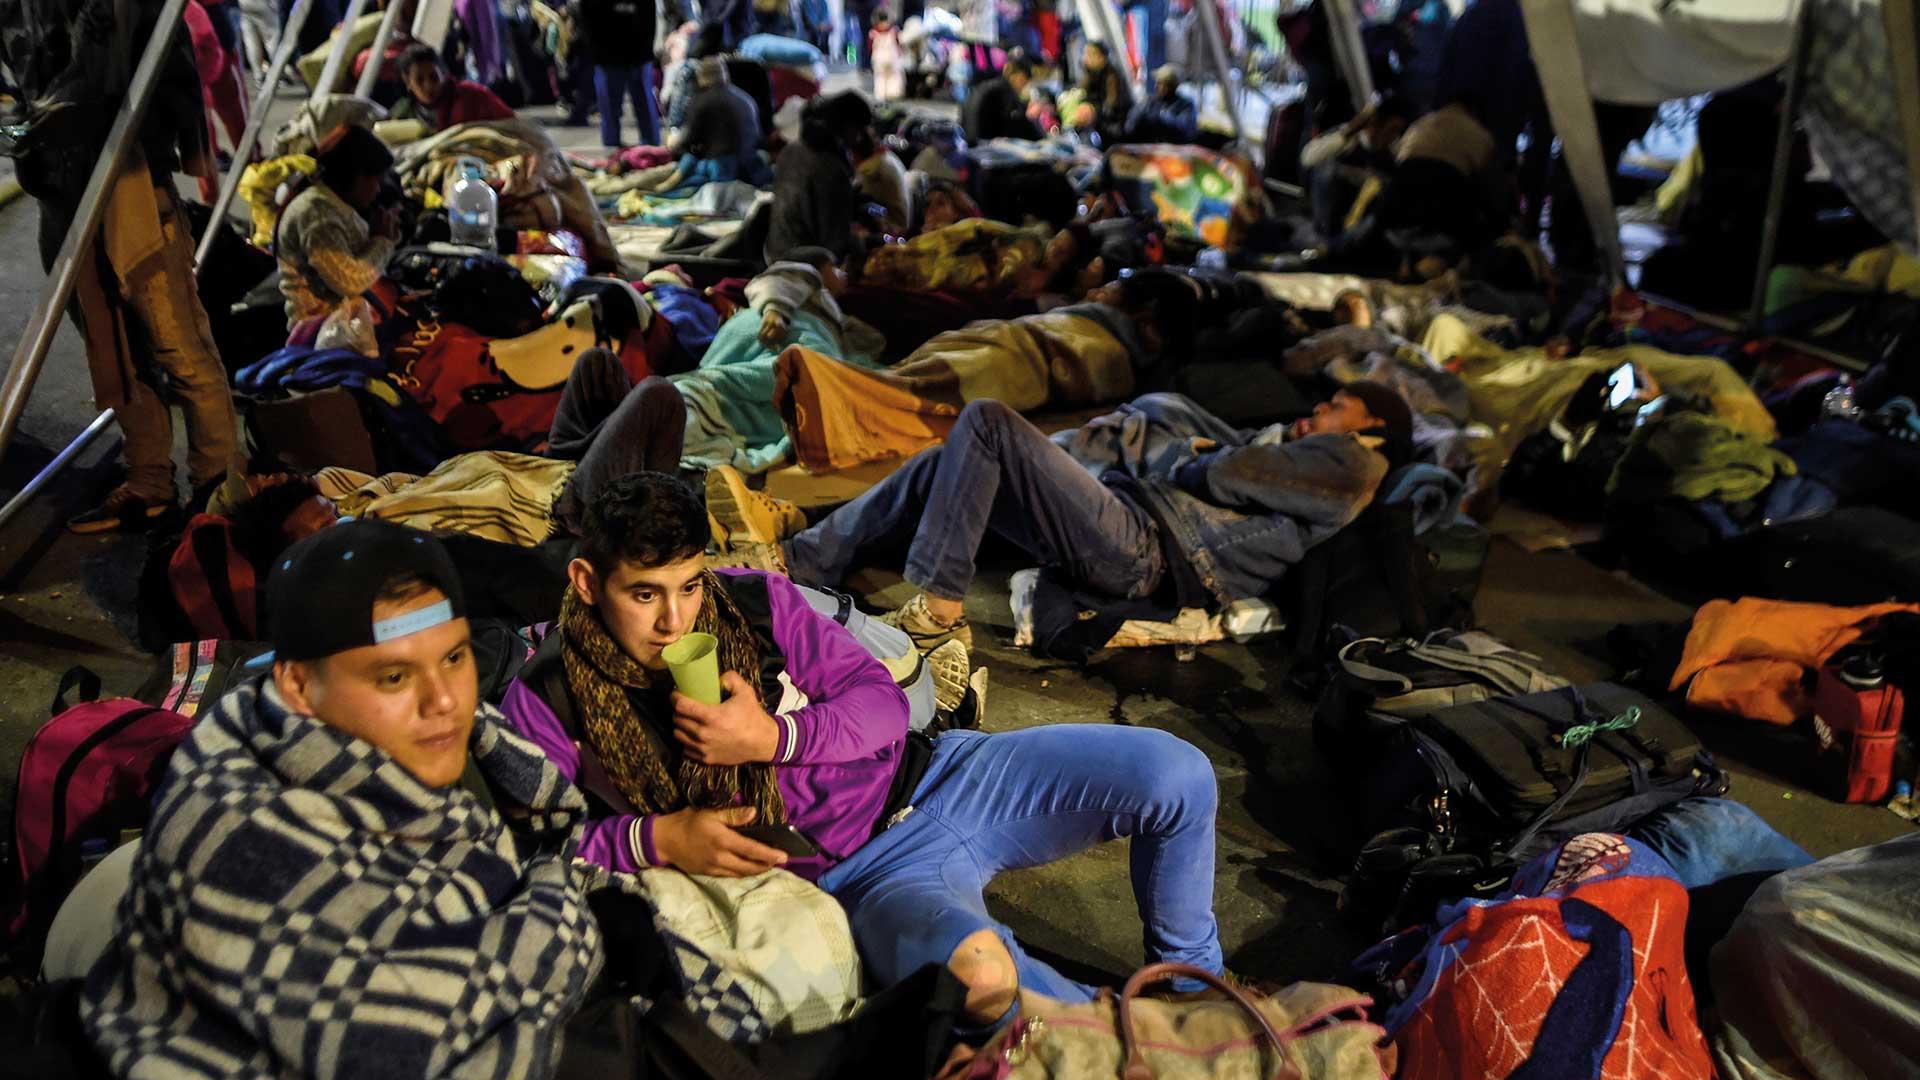 La dimensión humanitaria, el lado más acuciante de la crisis venezolana. Foto: AFP.